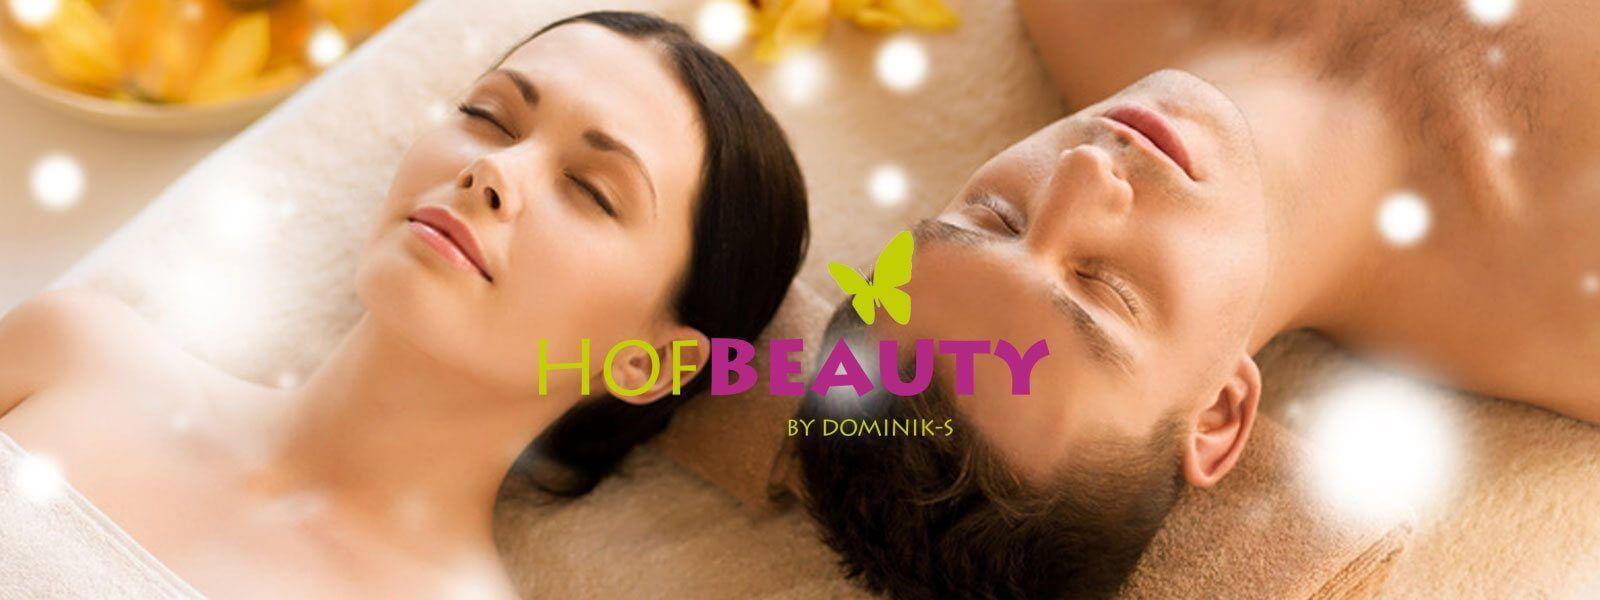 Kosmetikstudio-HofBeauty-Hof-Saale-Oberfranken-Bayern